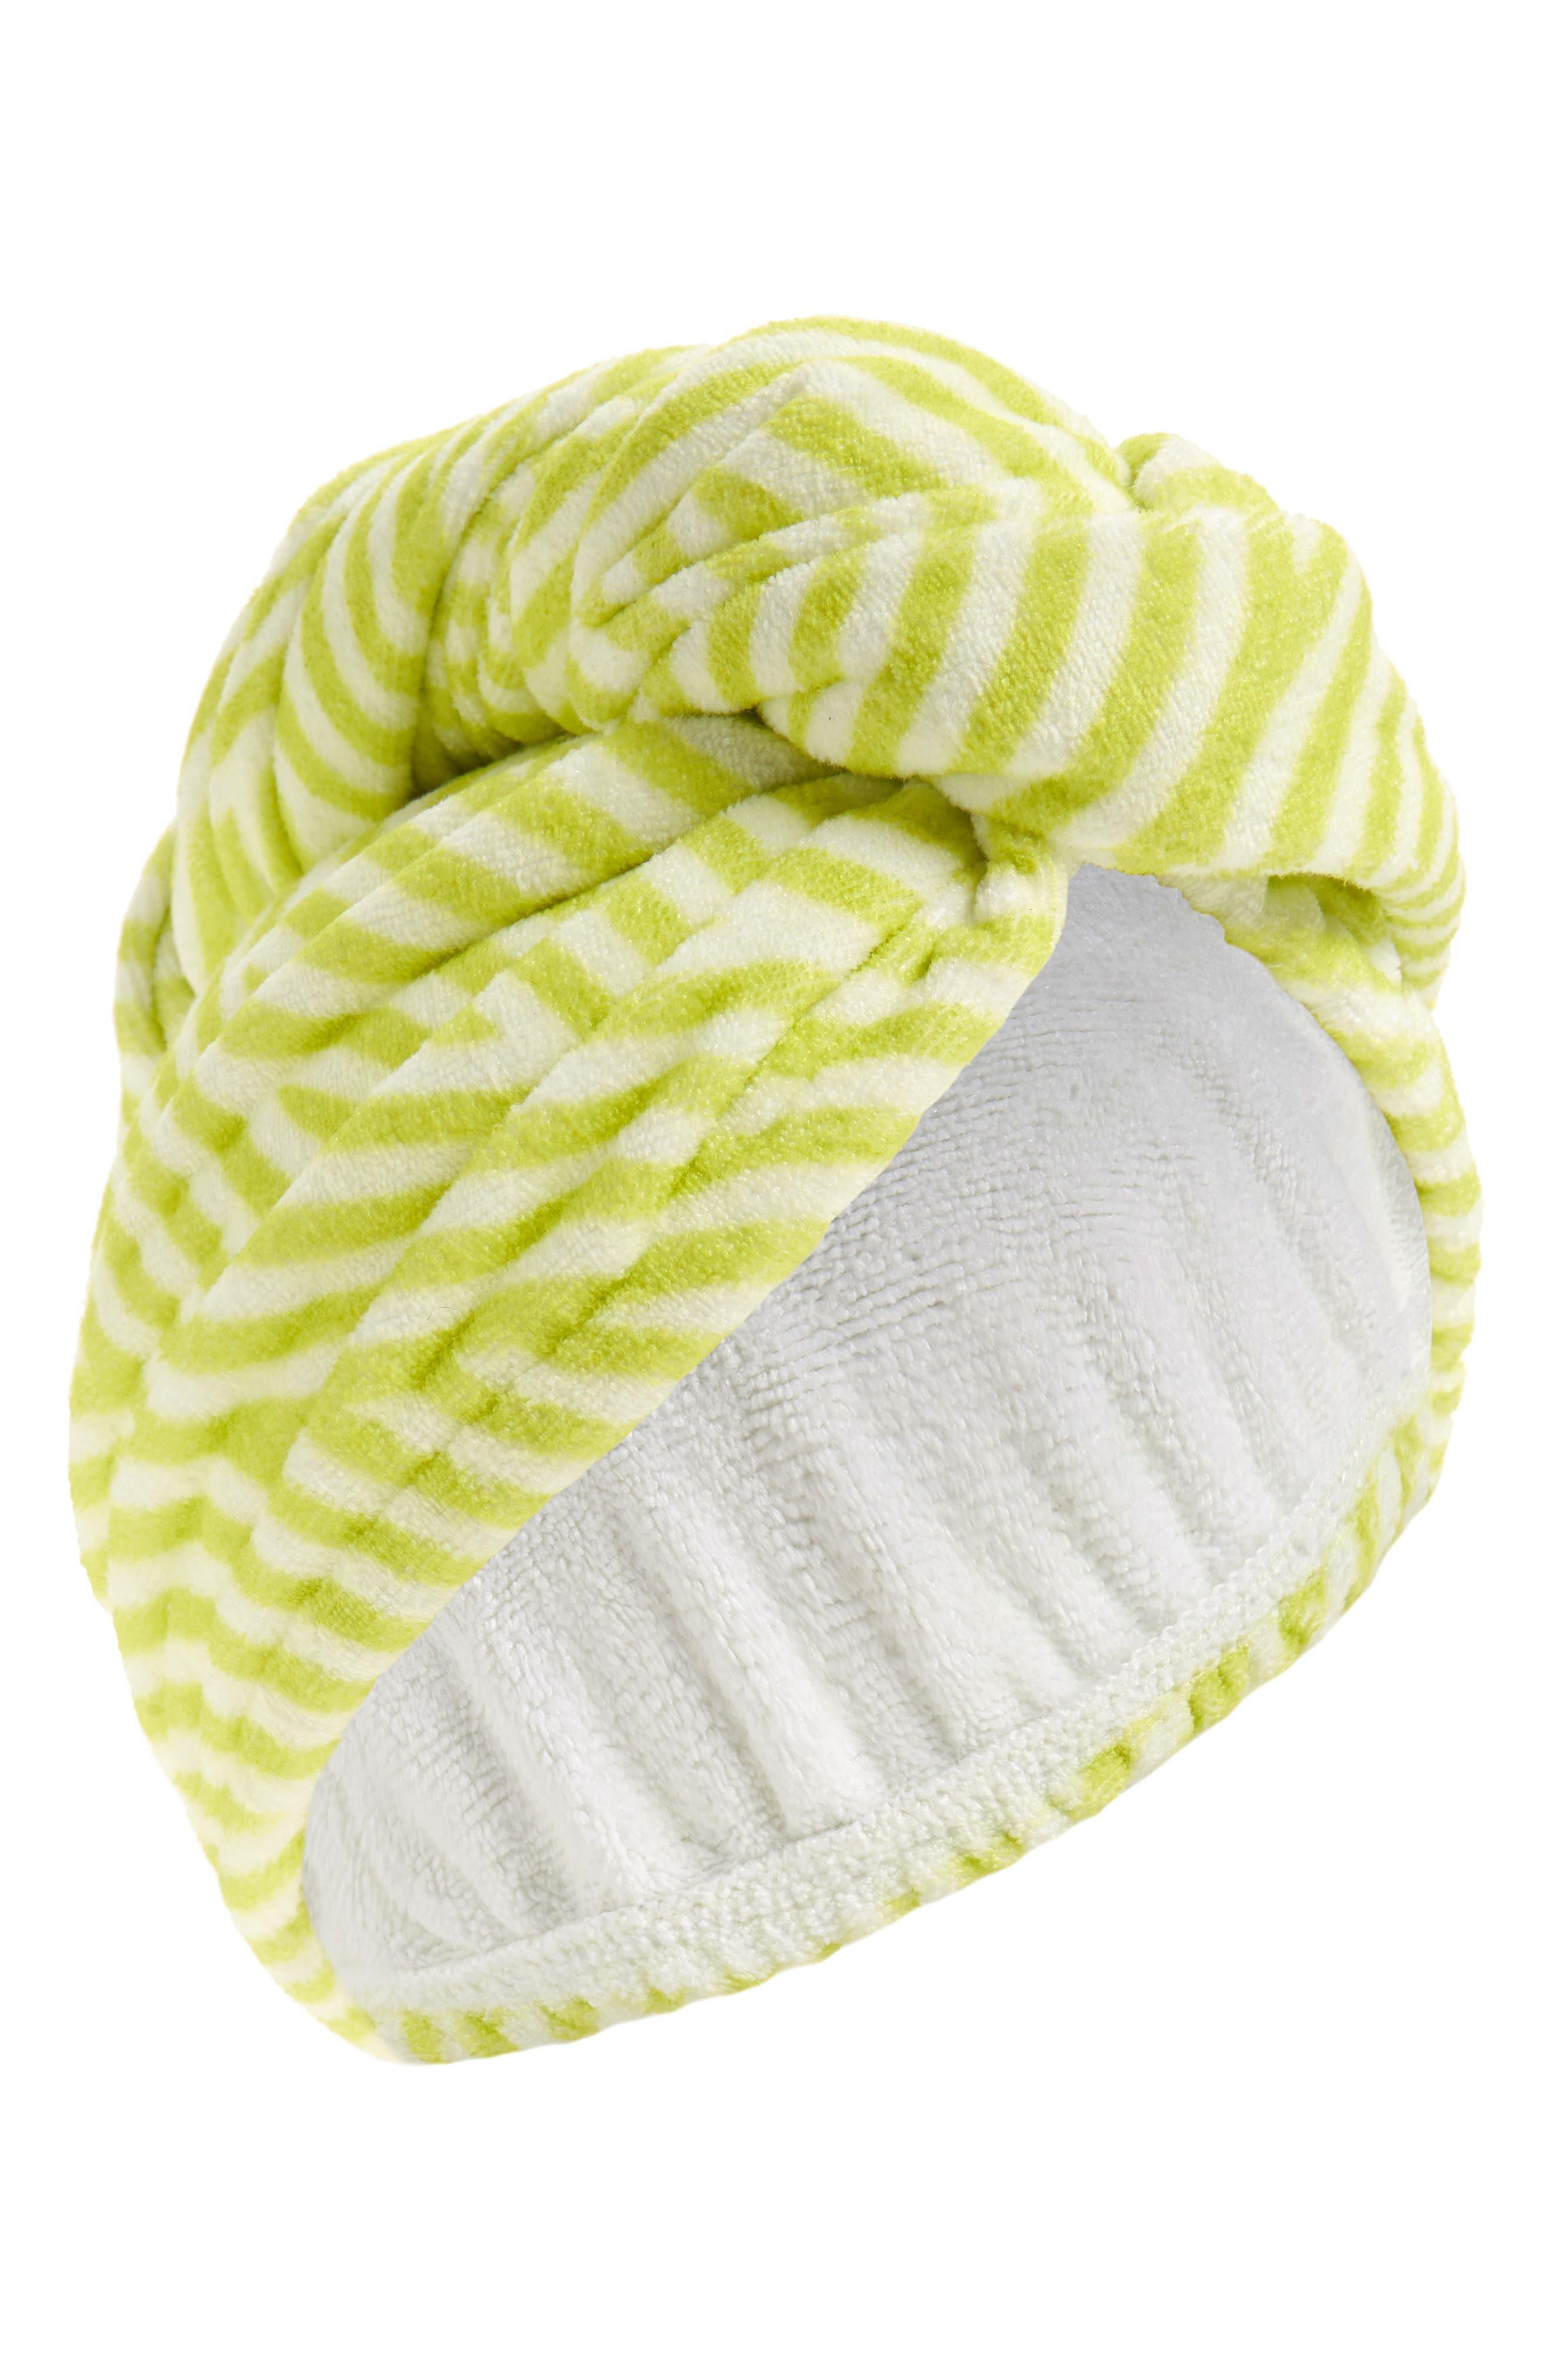 Devatwist Anti-Frizz Microfiber Towel Wrap